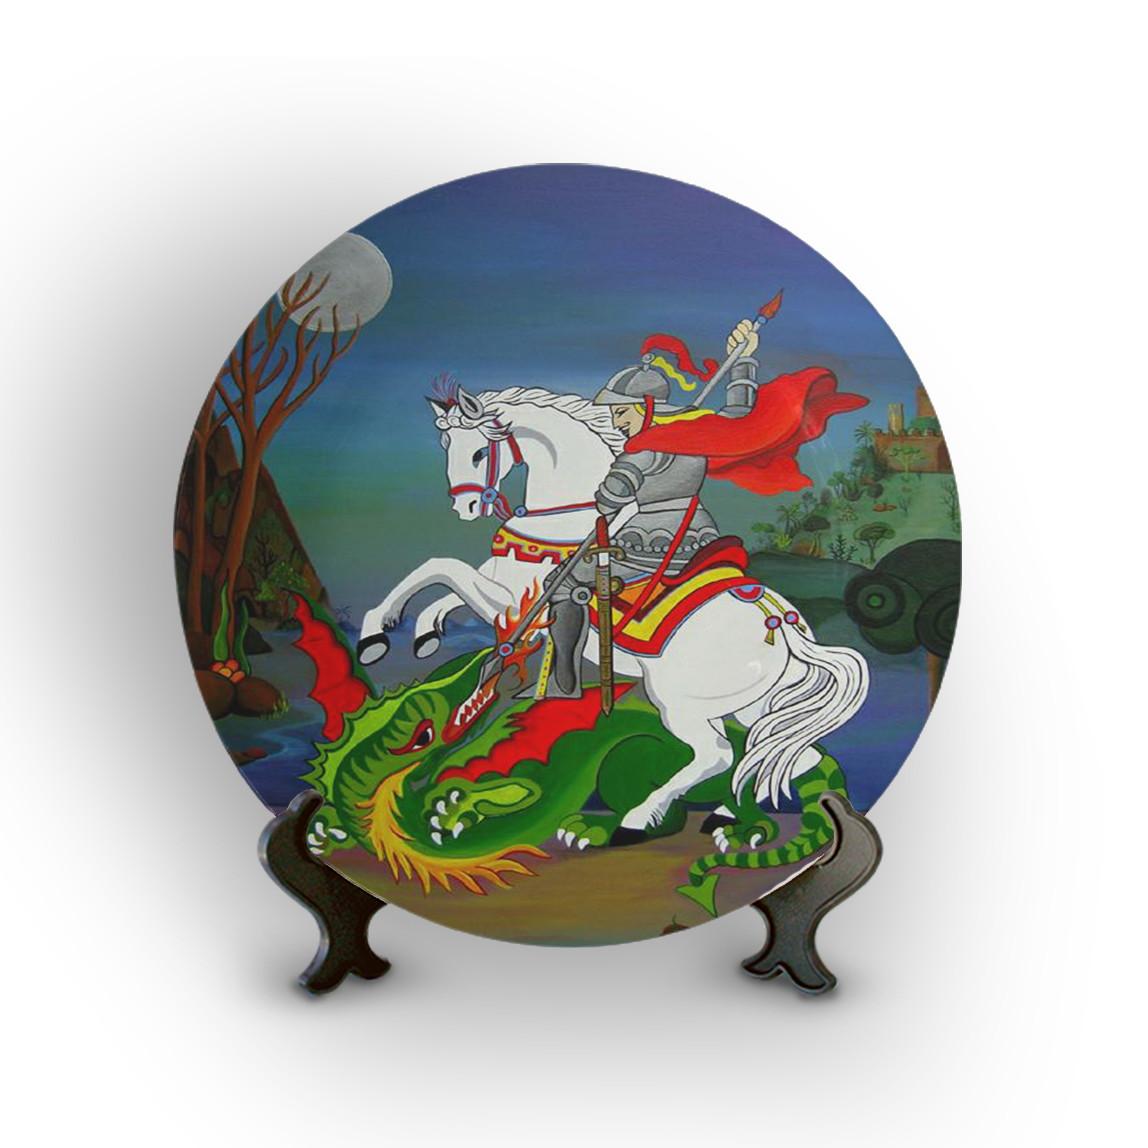 Prato Porcelana Decorativo São Jorge No Elo7 Ra Produtos